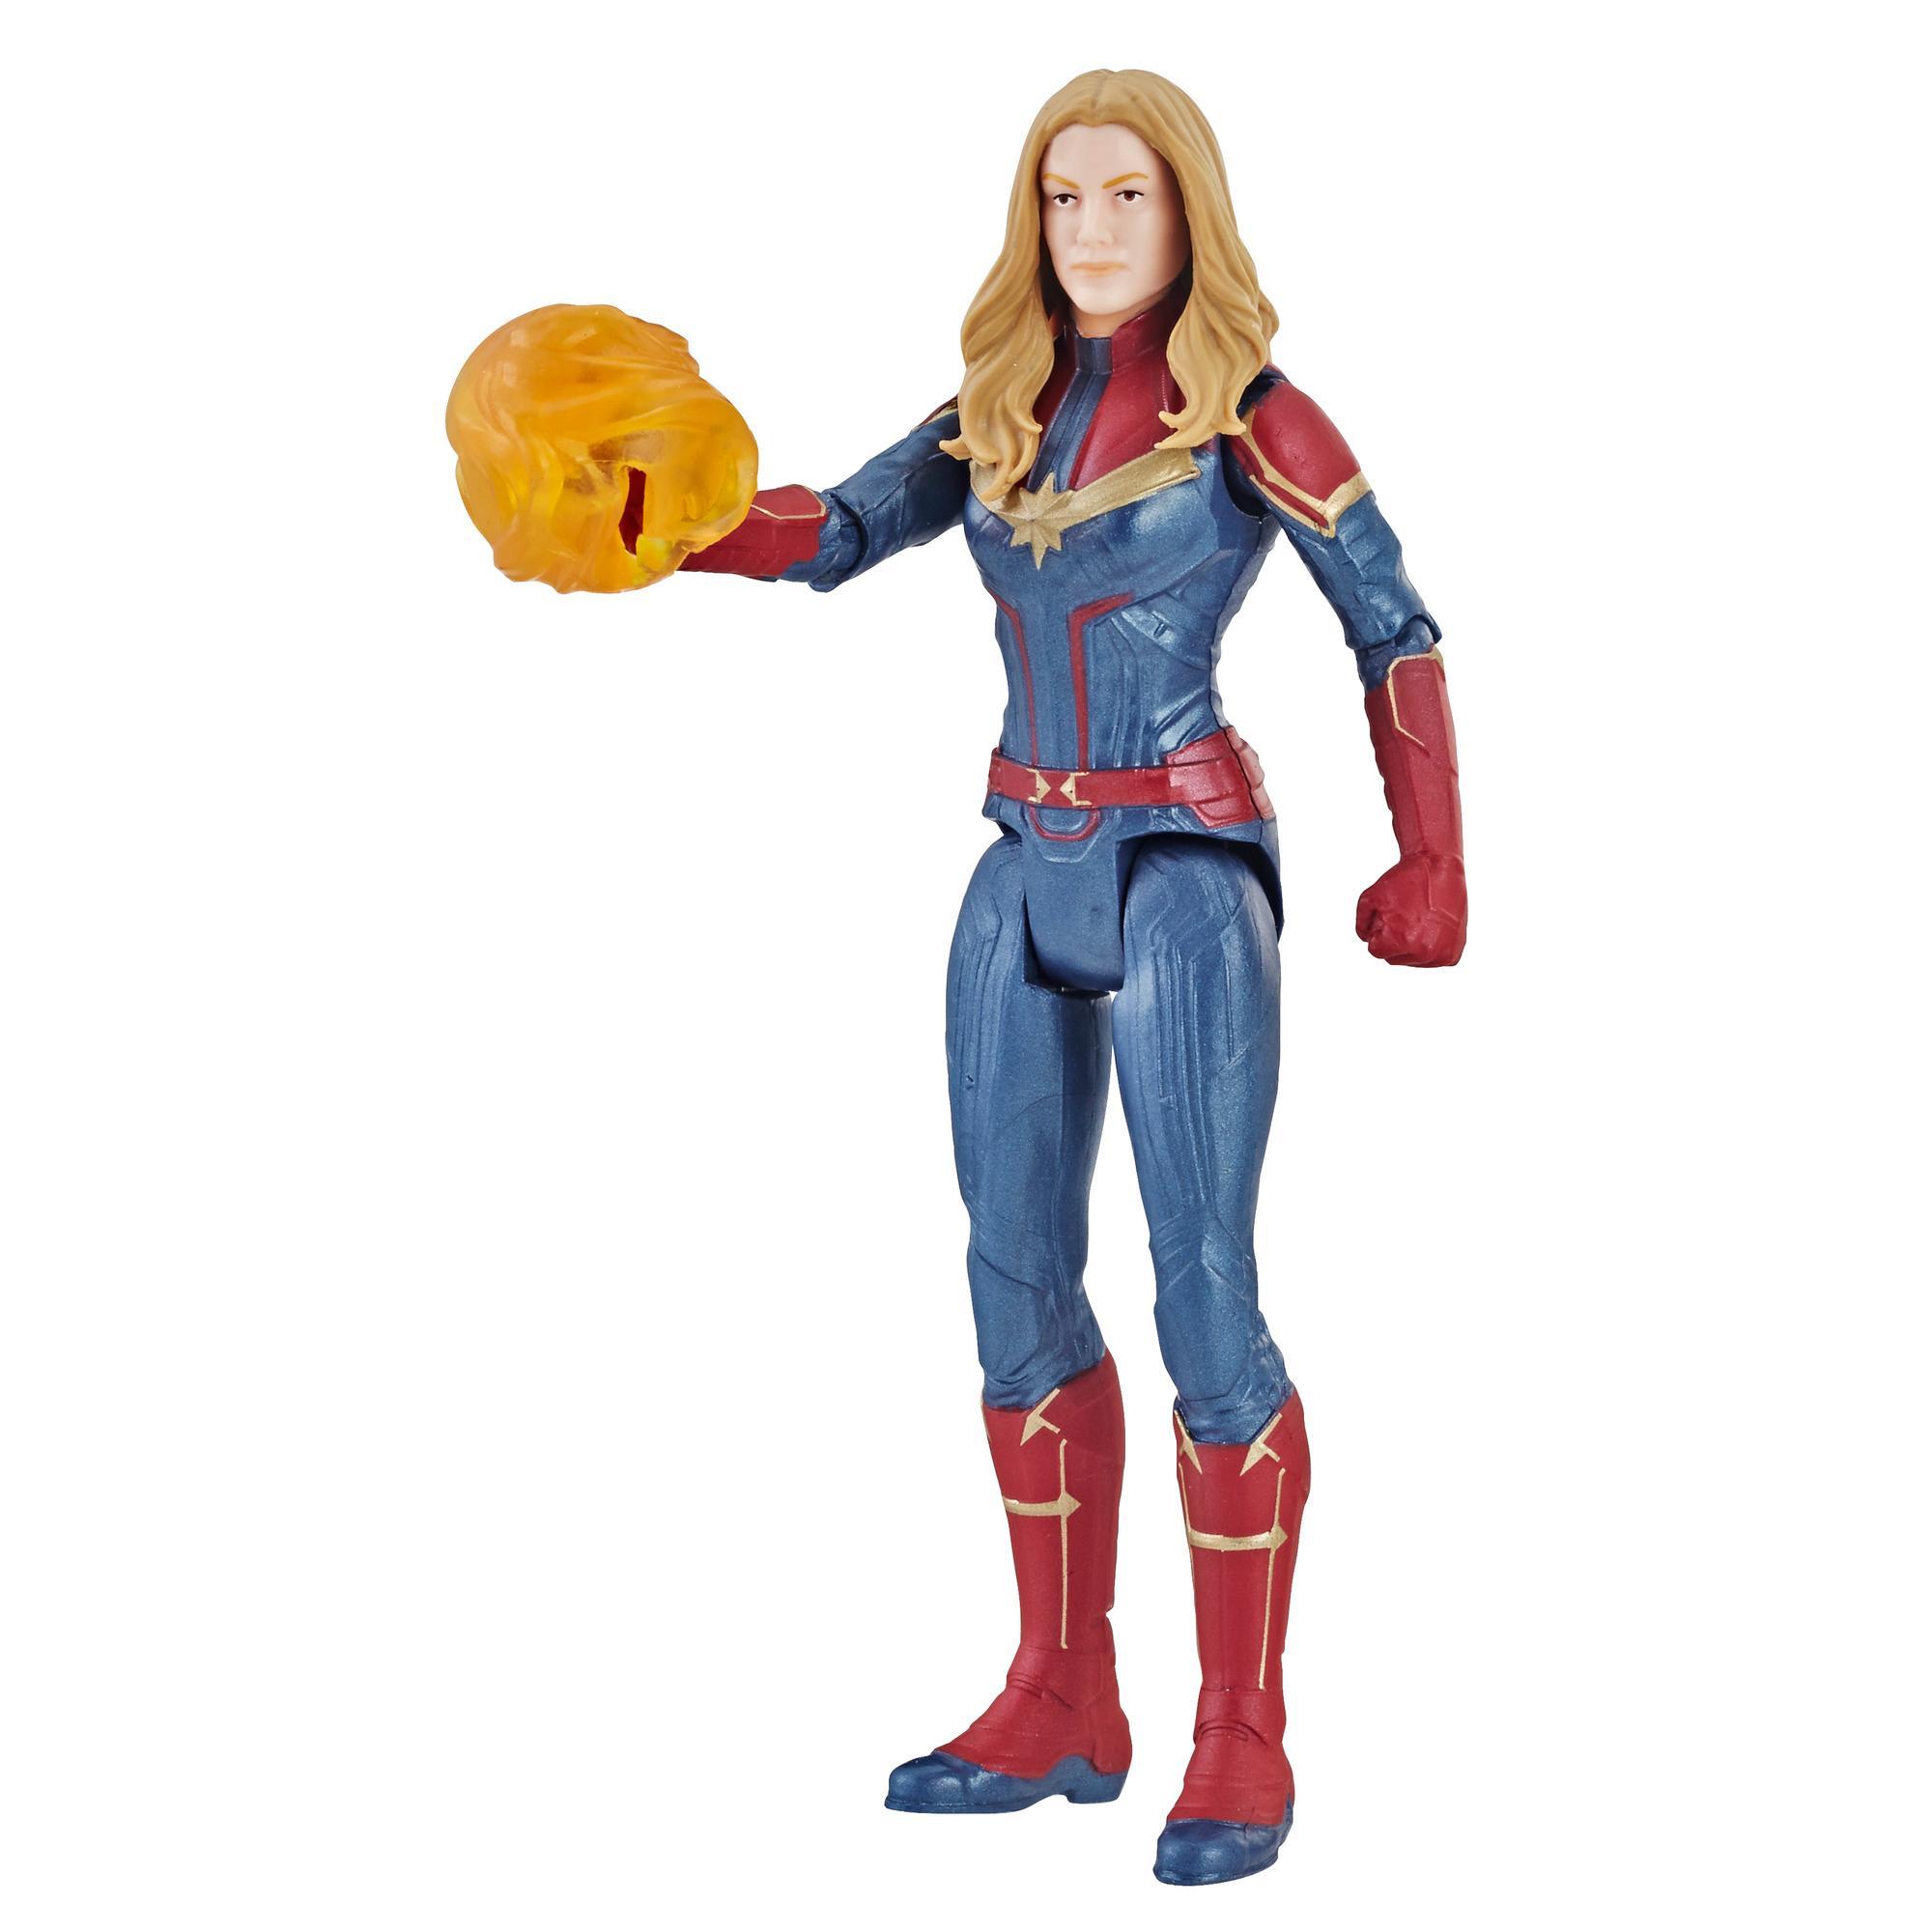 Marvel Avengers: Endgame Captain Marvel 6-Inch-Scale Figure